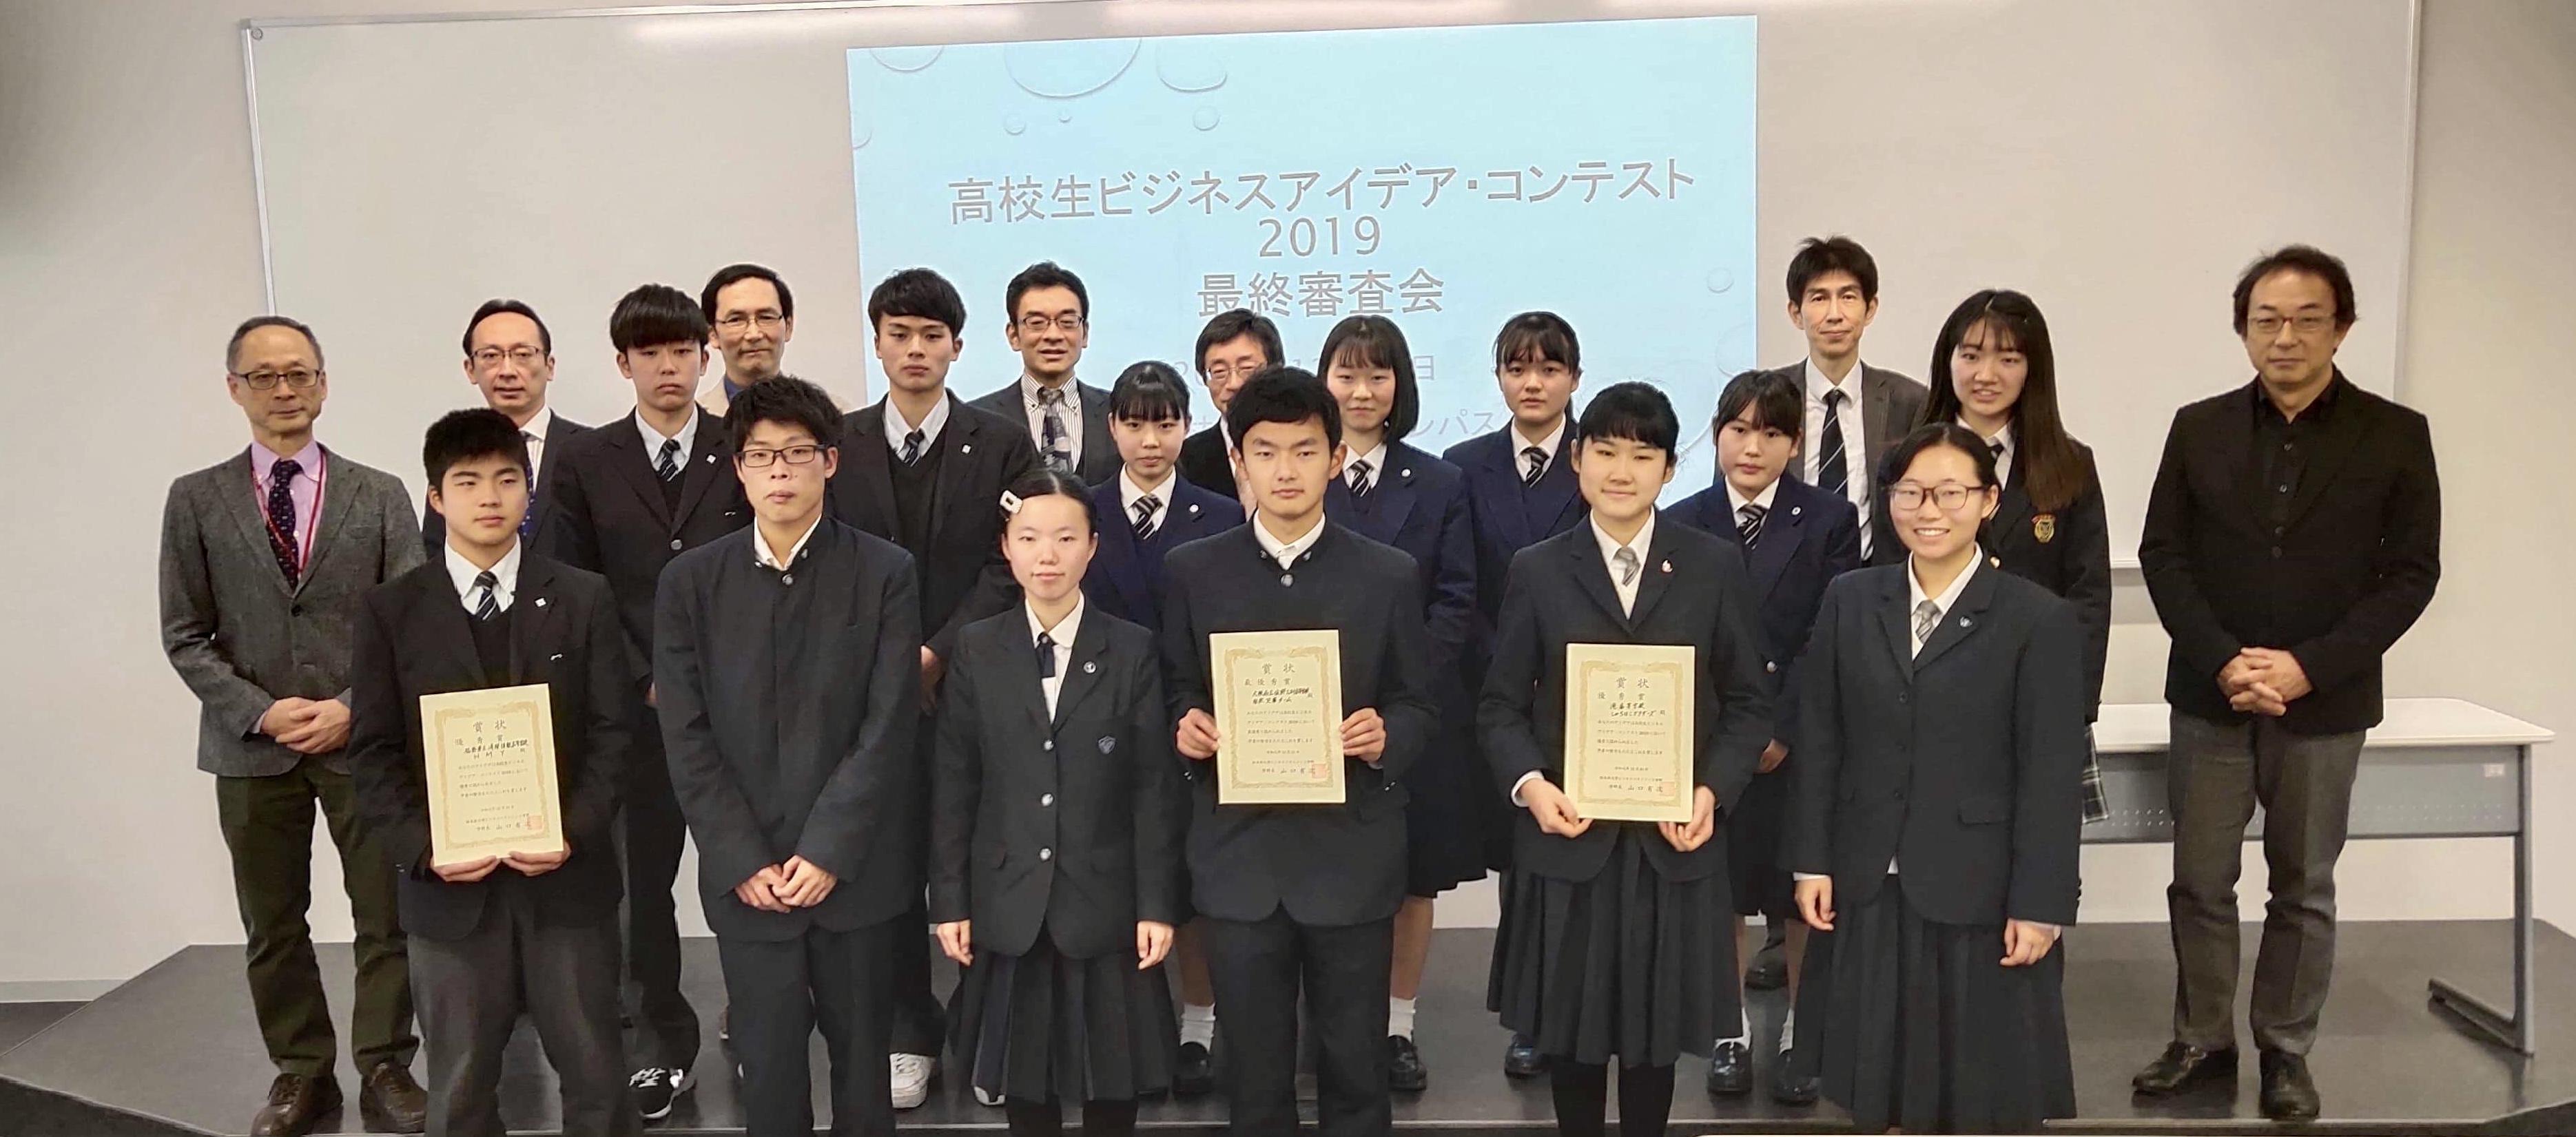 <高校生ビジネスアイデア・コンテスト2019>が開催されました。